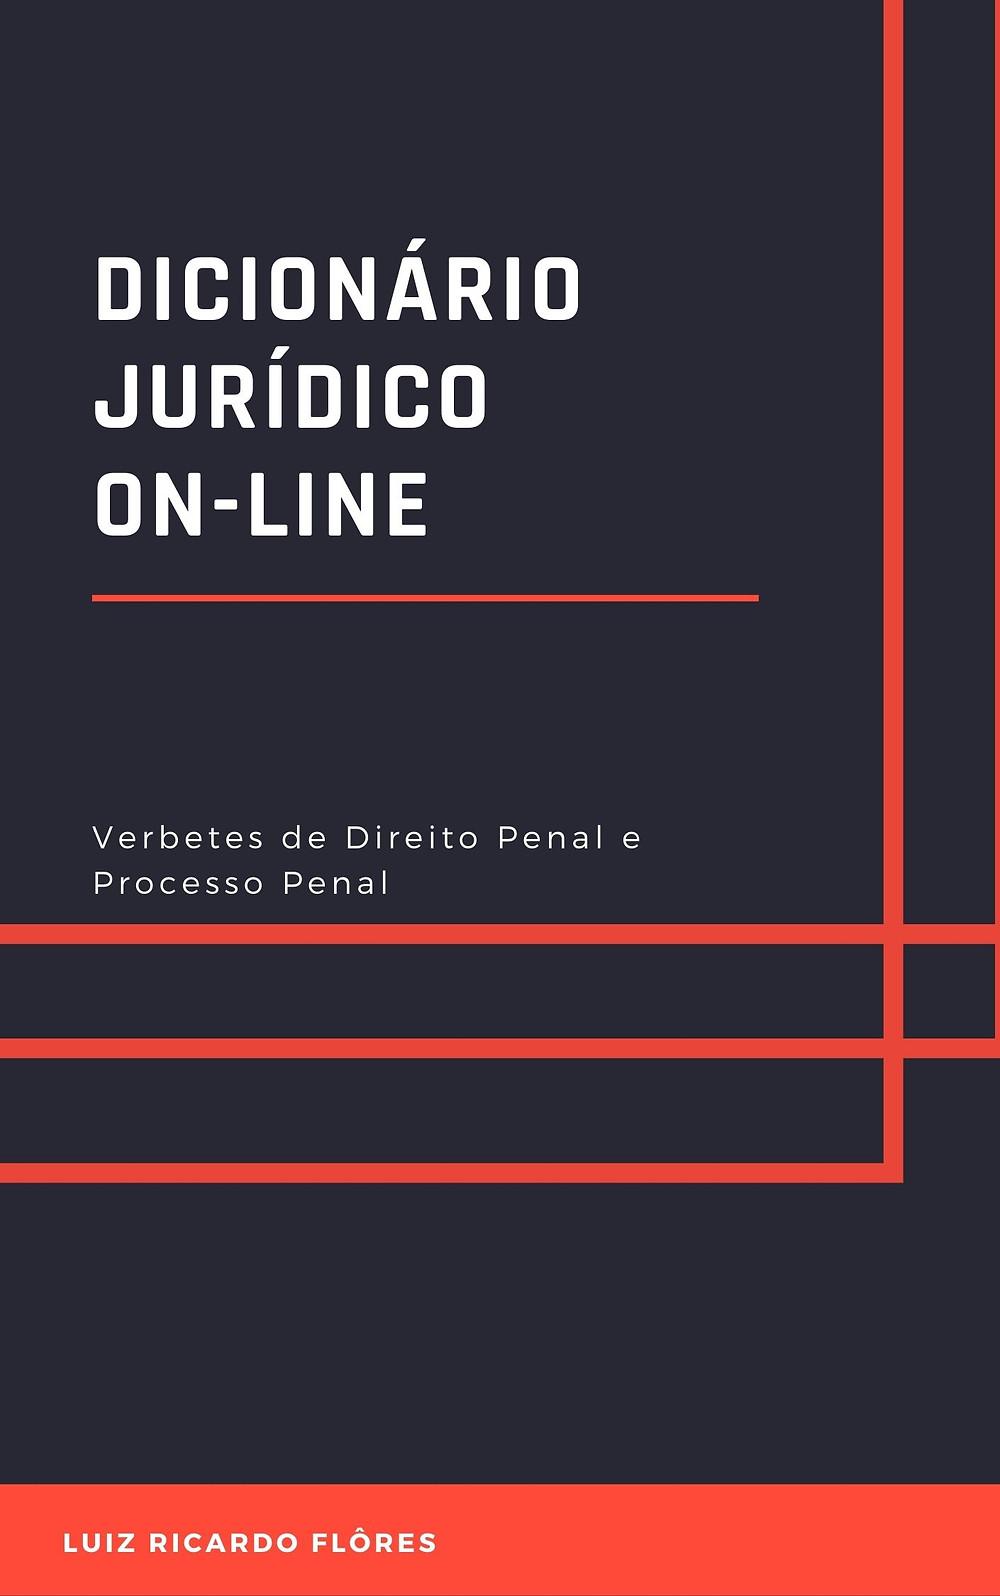 dicionário jurídico on-line